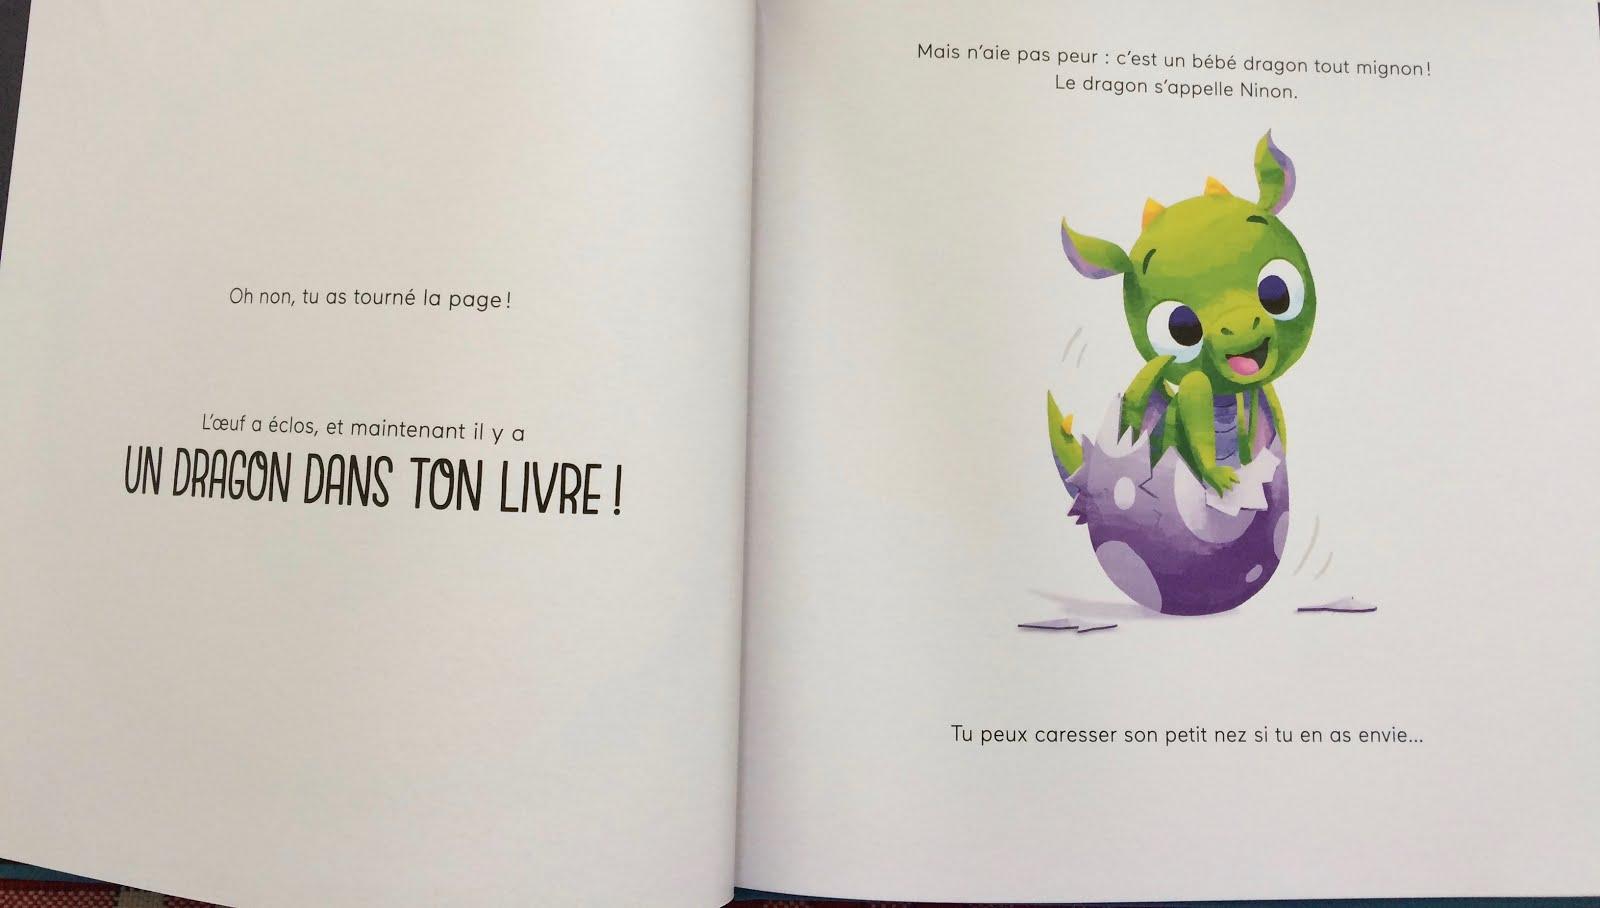 5f954ec4aac49 ... principe du livre interactif, comme vous avez pu le voir avec les livres  de Claudia Rueda (Saute, Lapin ! et Attrape, Lapin !). cela permet à l' enfant, ...